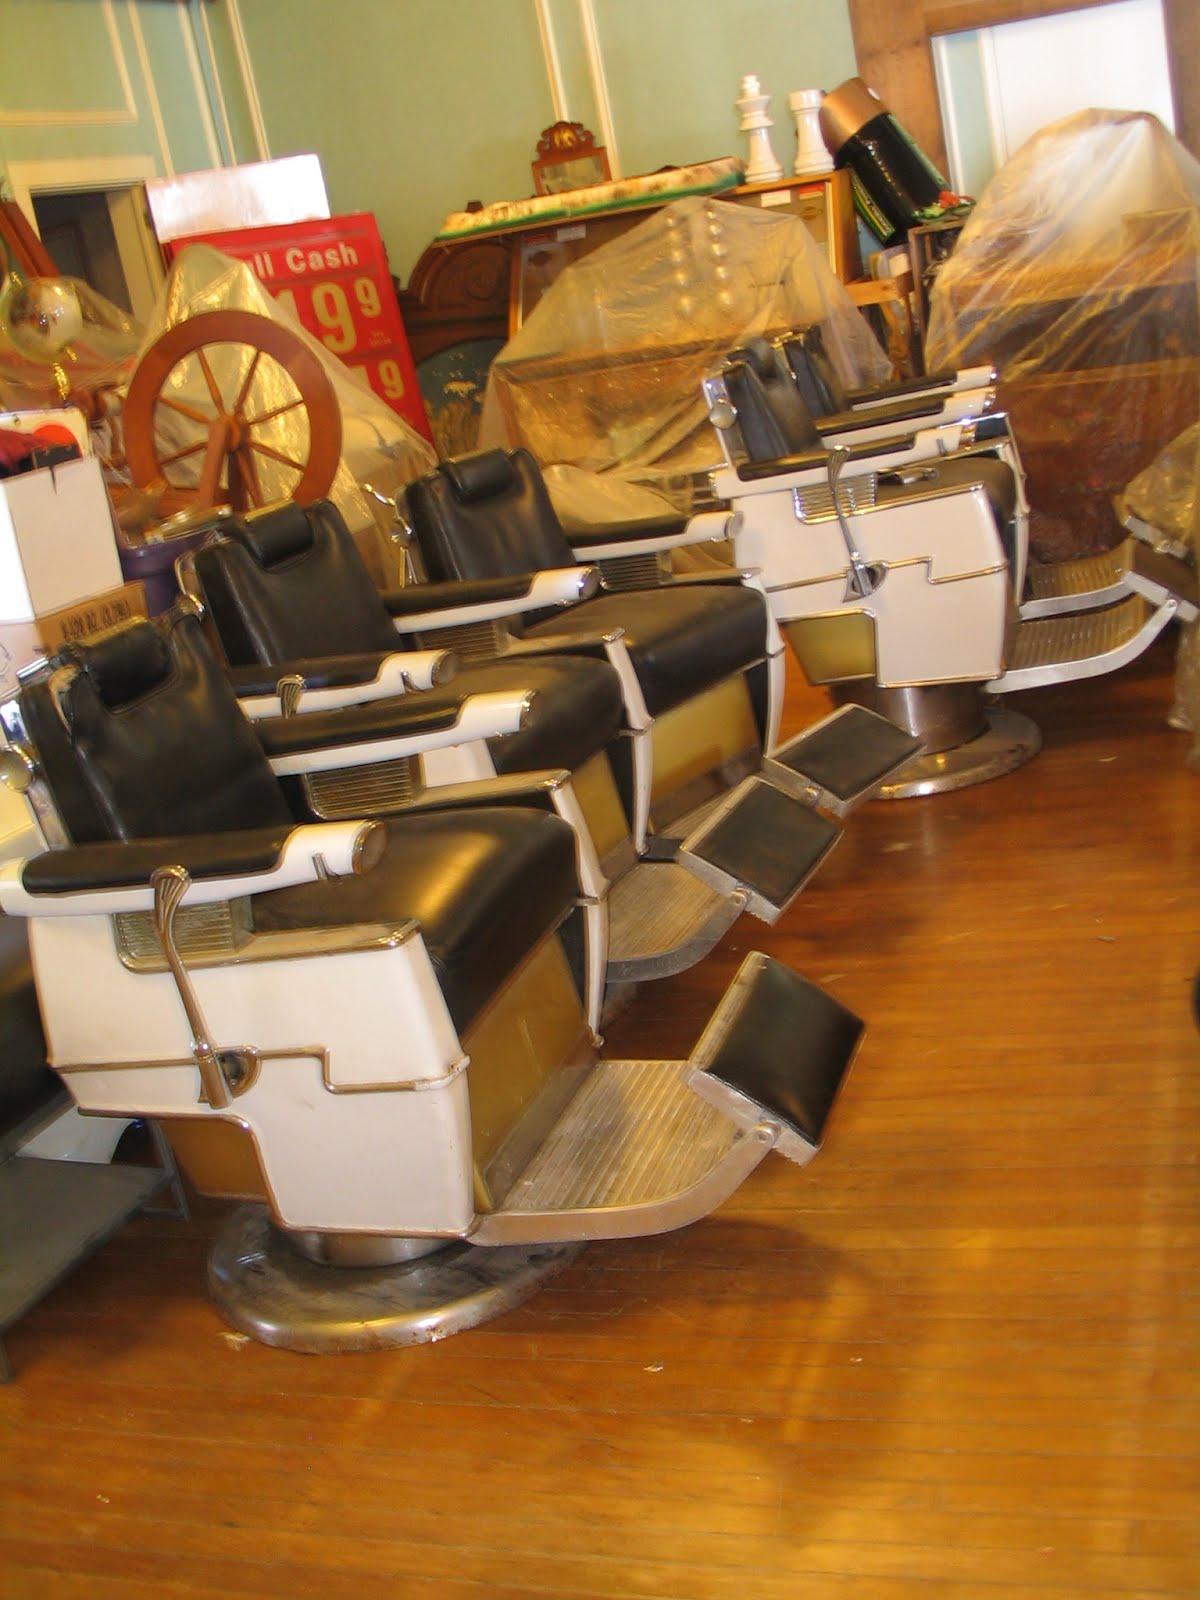 Pasternak Antiques & Modern Design: * 5 vintage belmont barber chairs ( +  one )* - Pasternak Antiques & Modern Design: * 5 Vintage Belmont Barber